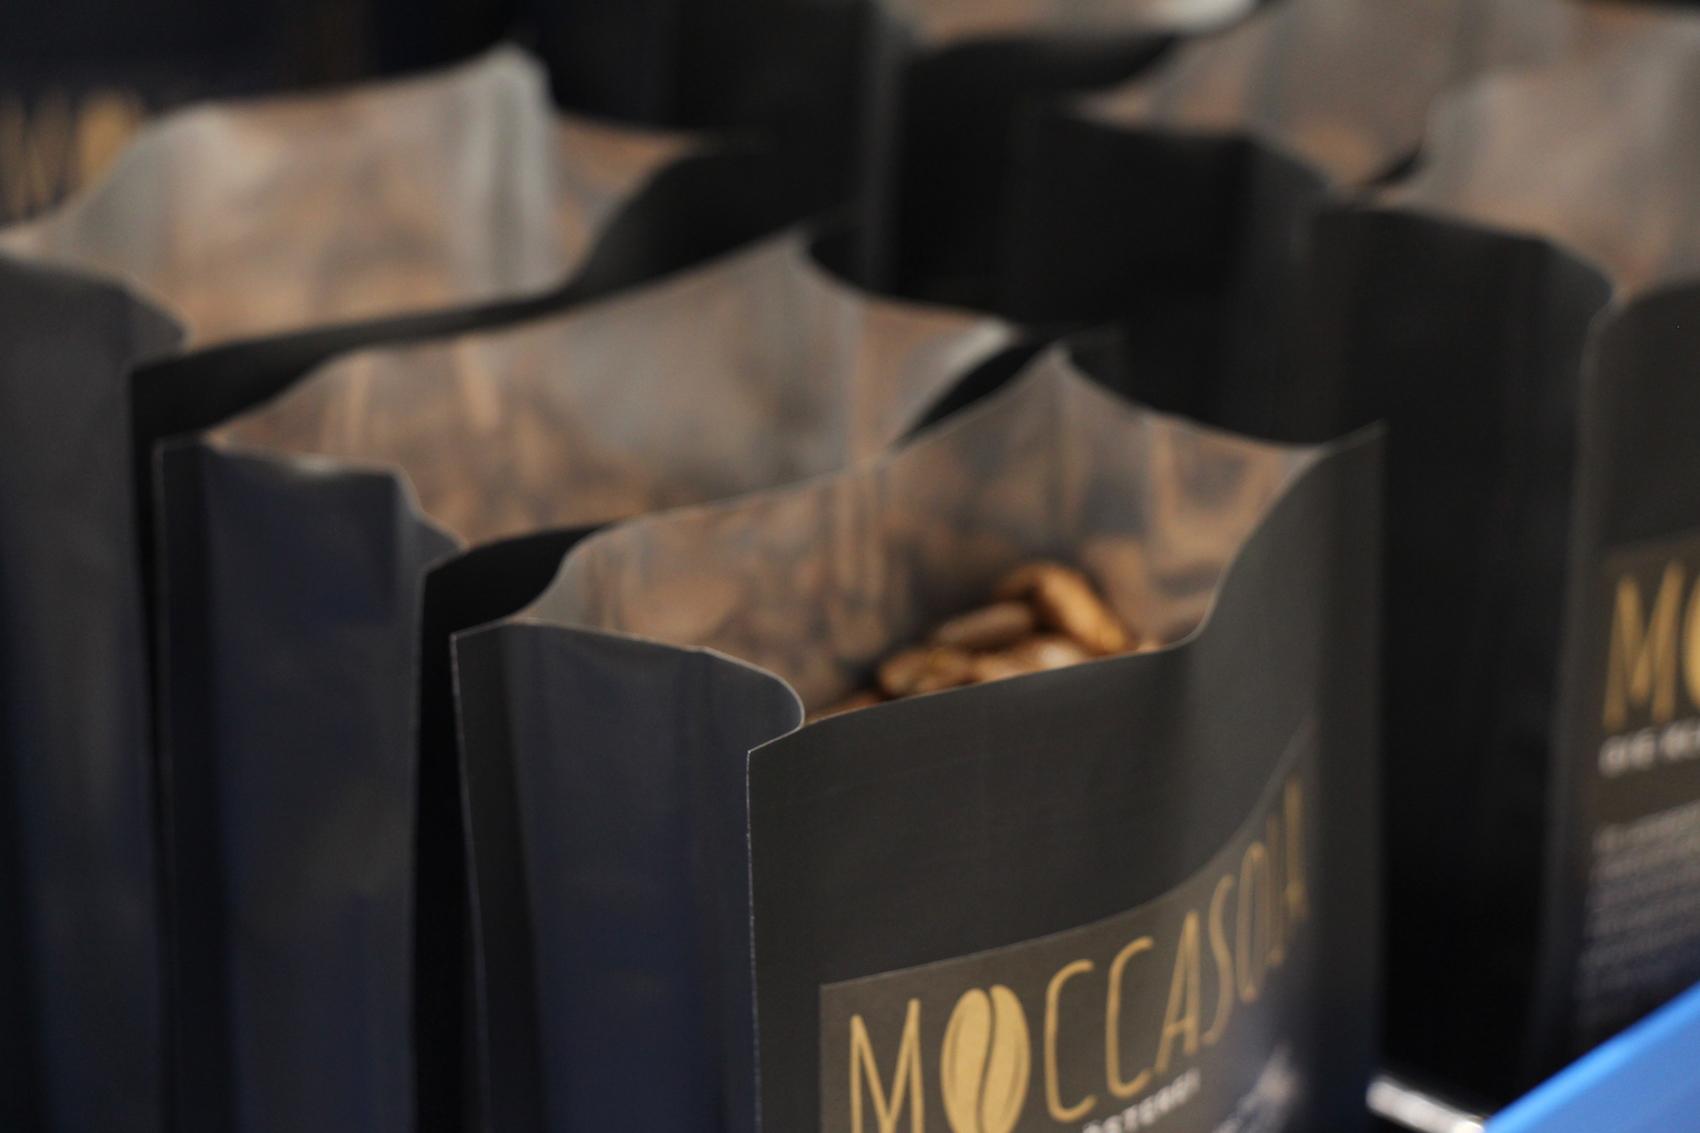 hochwerte Kaffeeröstungen